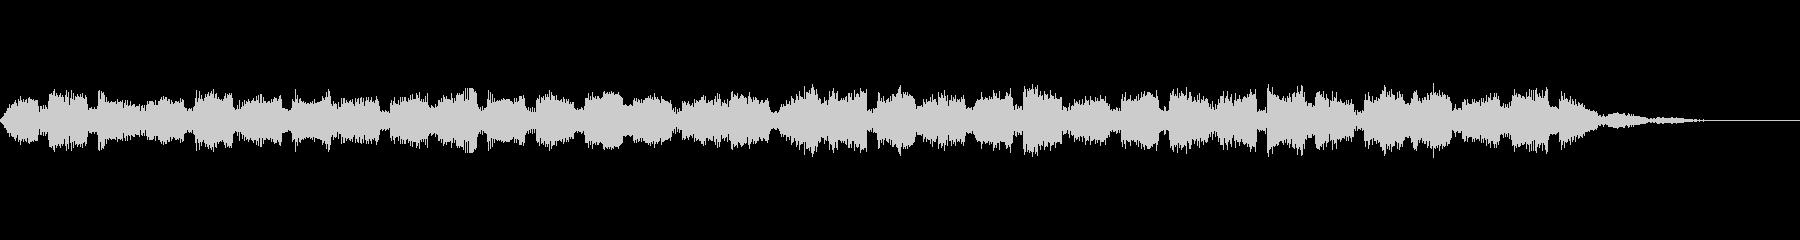 平穏な効果音の未再生の波形